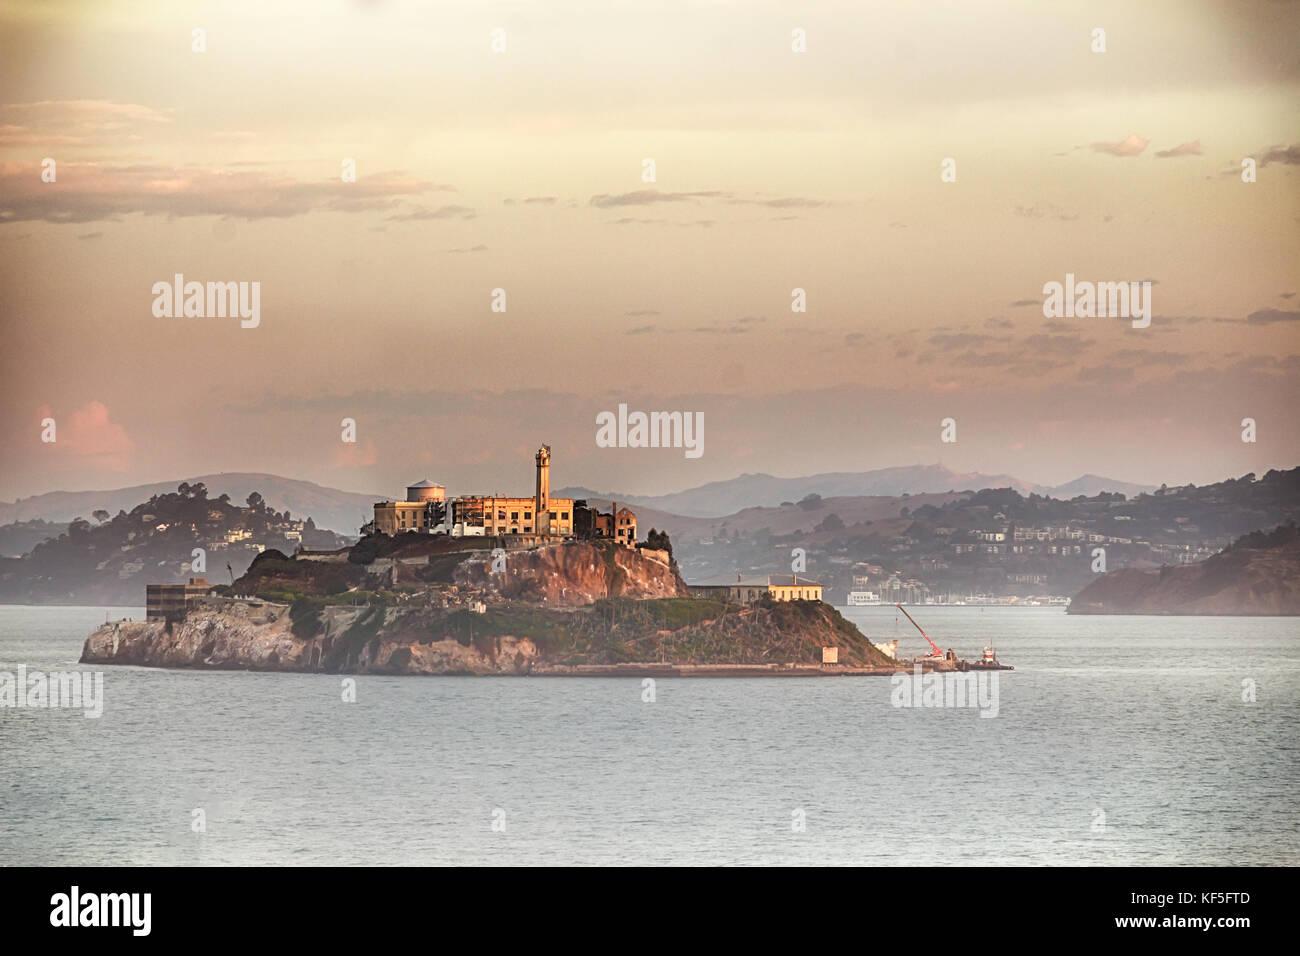 La isla de Alcatraz en san Francisco, el cine estilo retro. Foto de stock